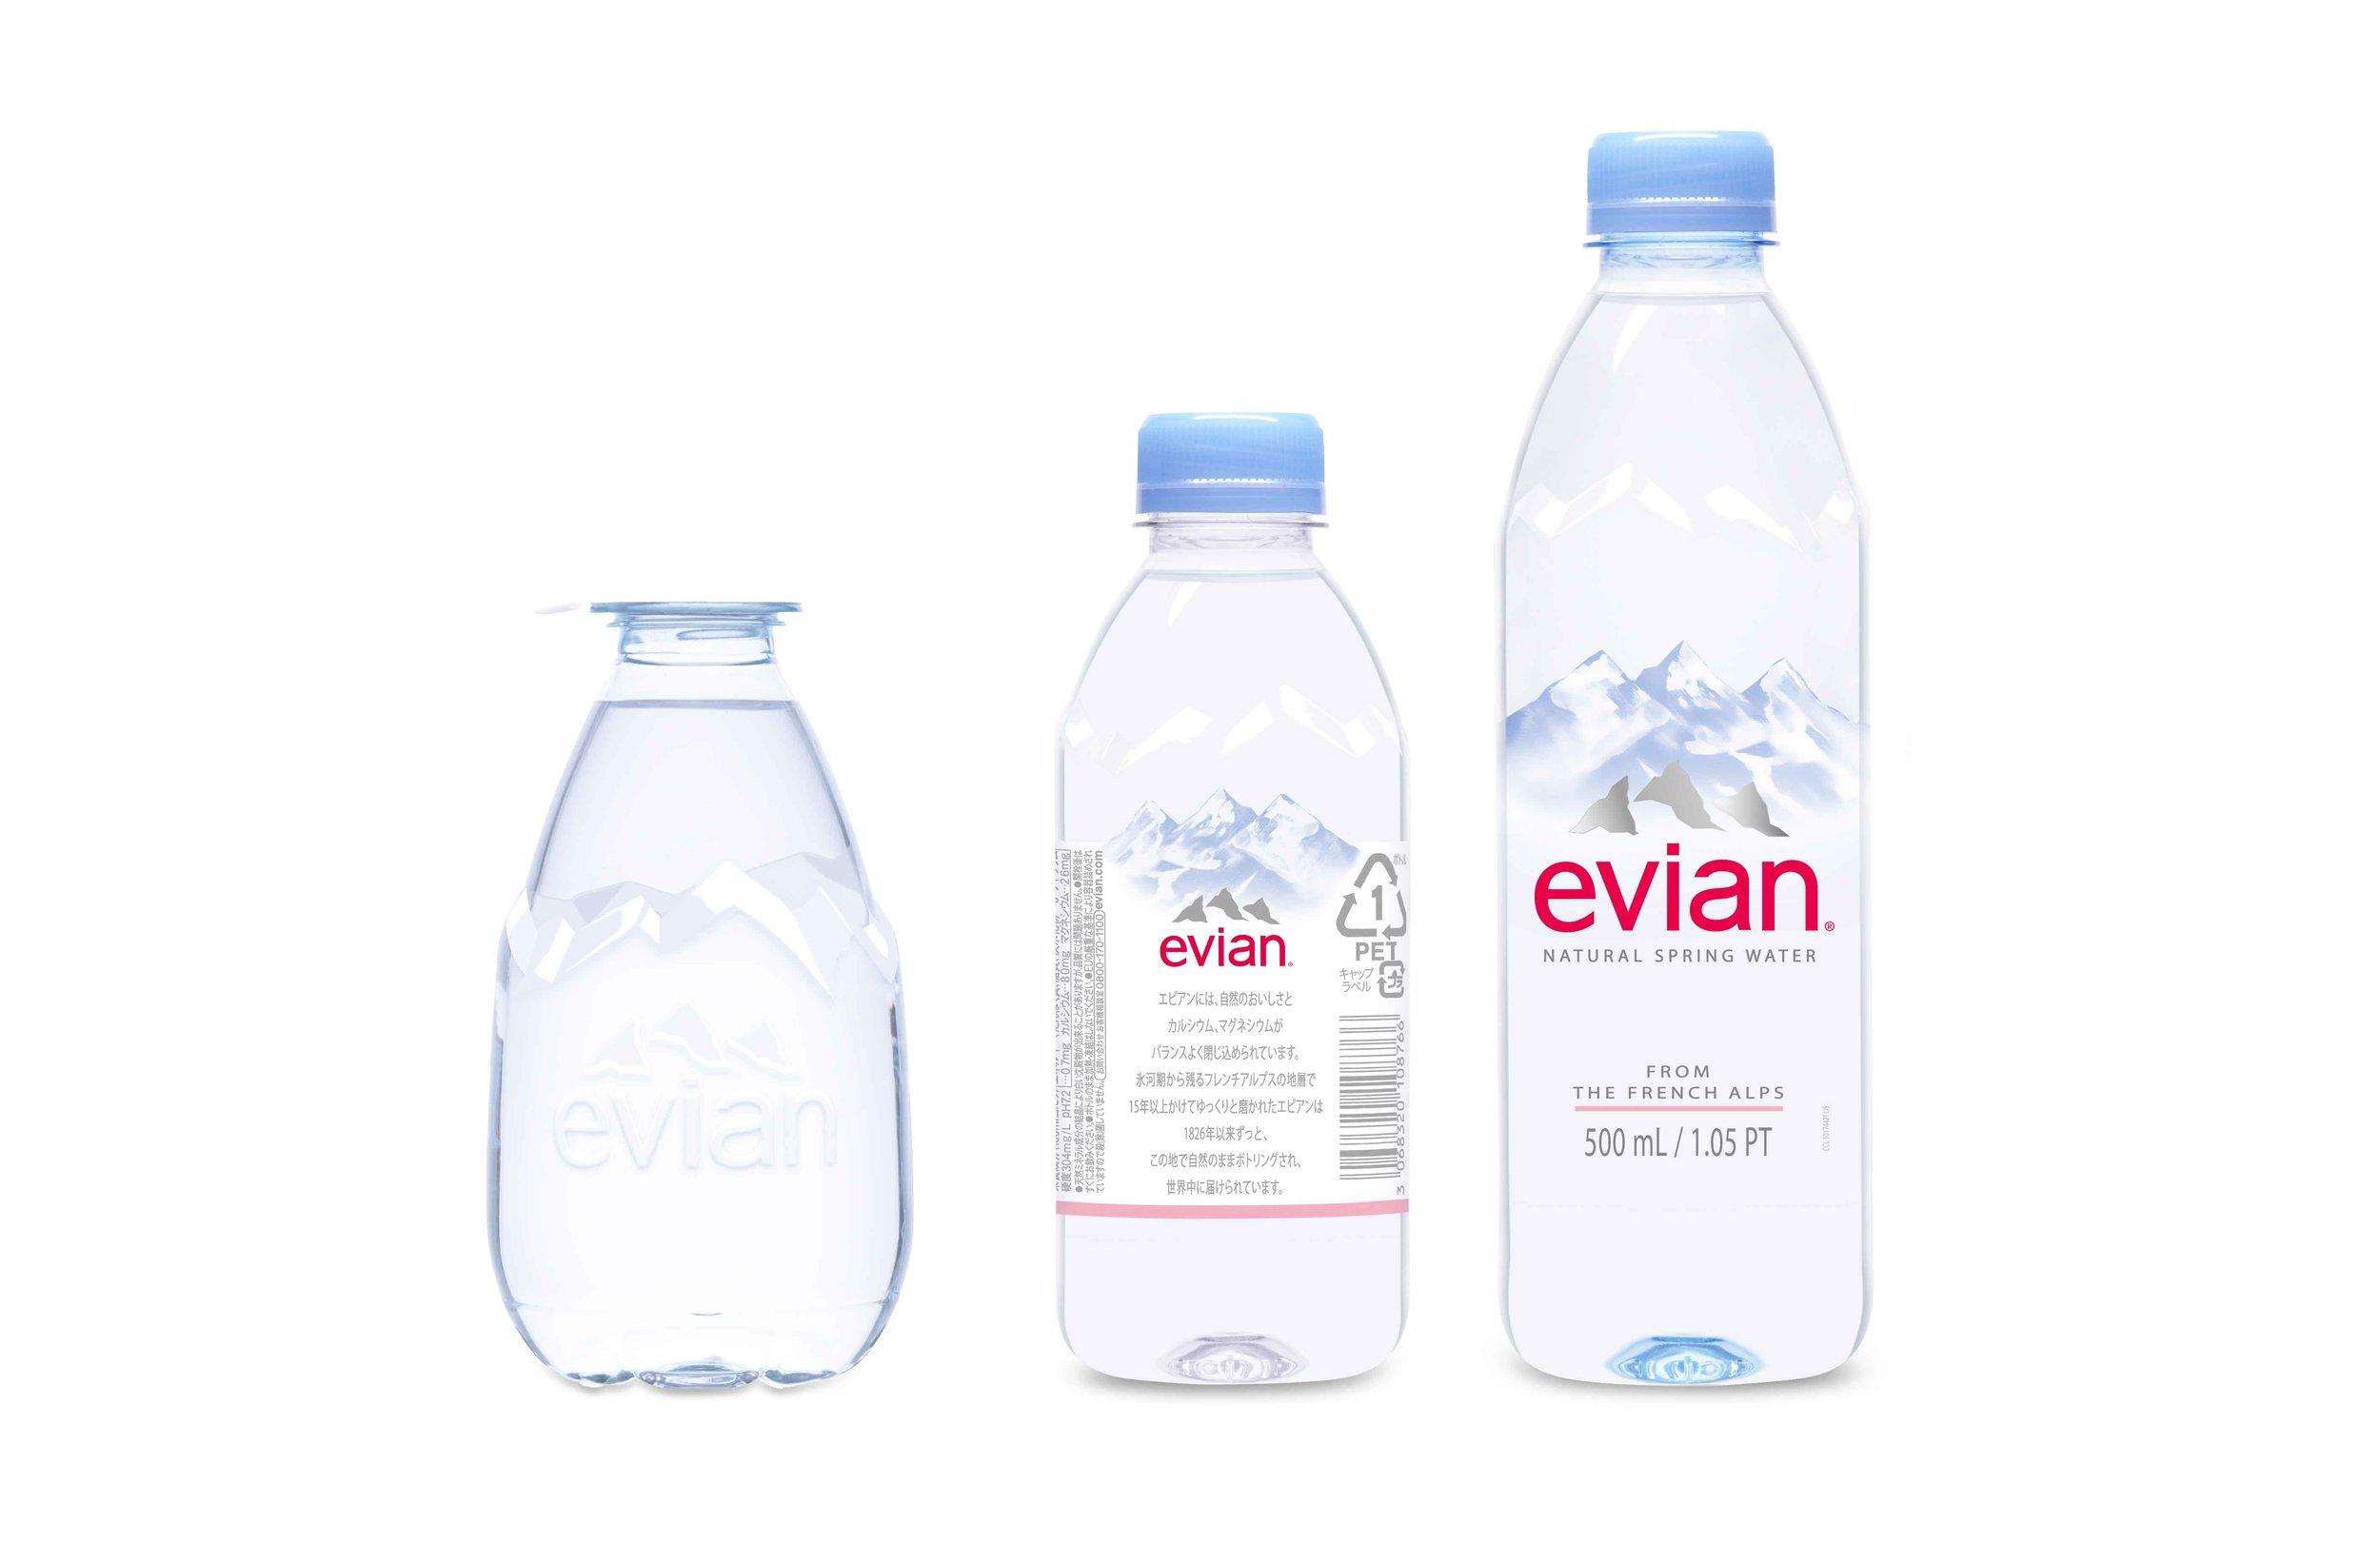 bouteilles_Evian.jpg